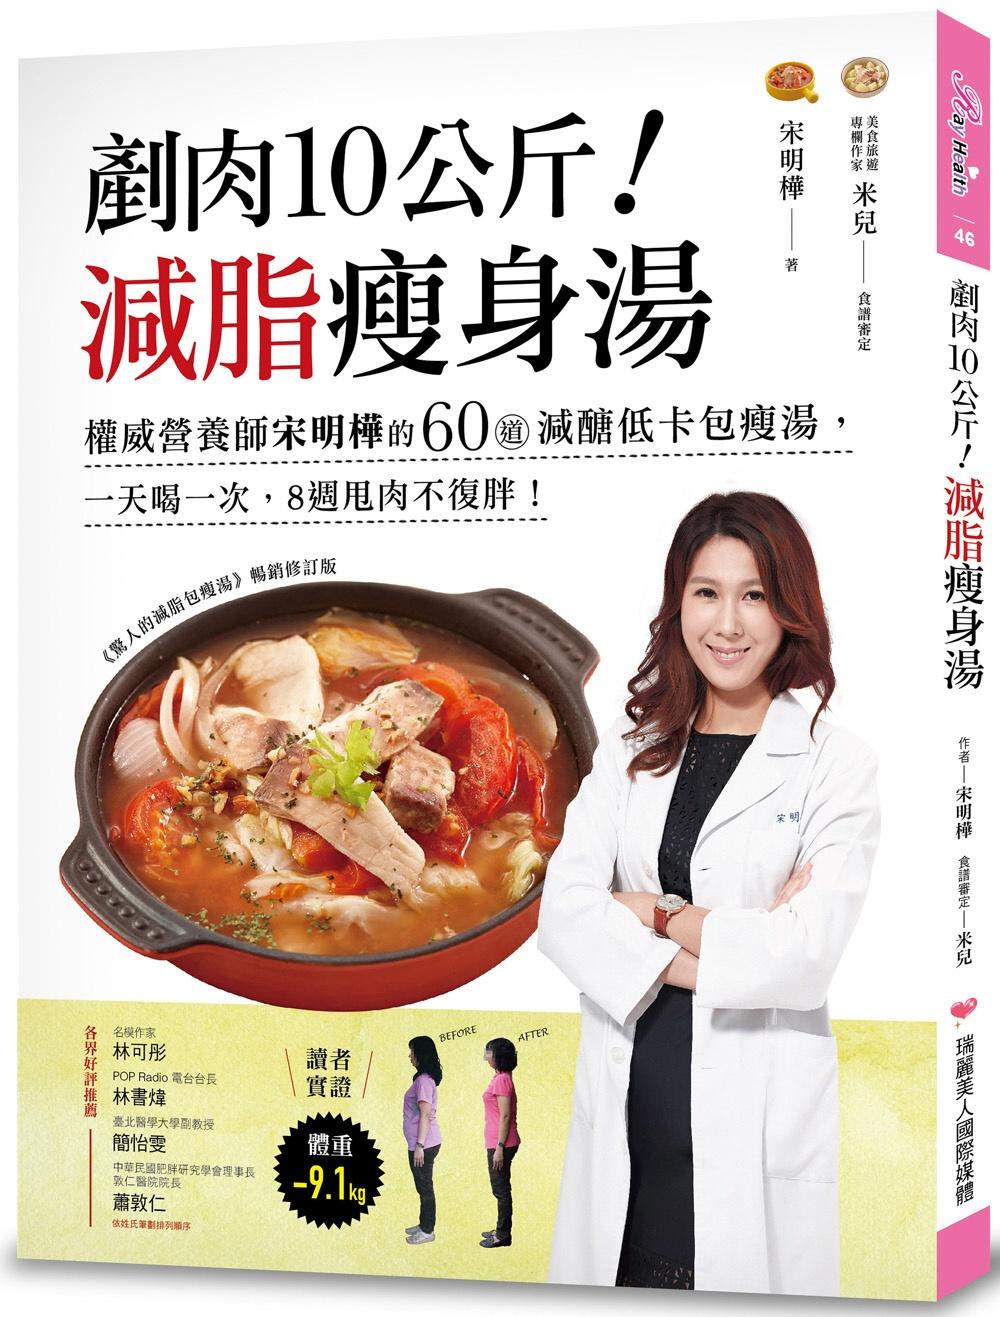 剷肉10公斤!減脂瘦身湯:權威營養師宋明樺的60道減醣低卡包瘦湯,一天喝一次,8週甩肉不復胖!